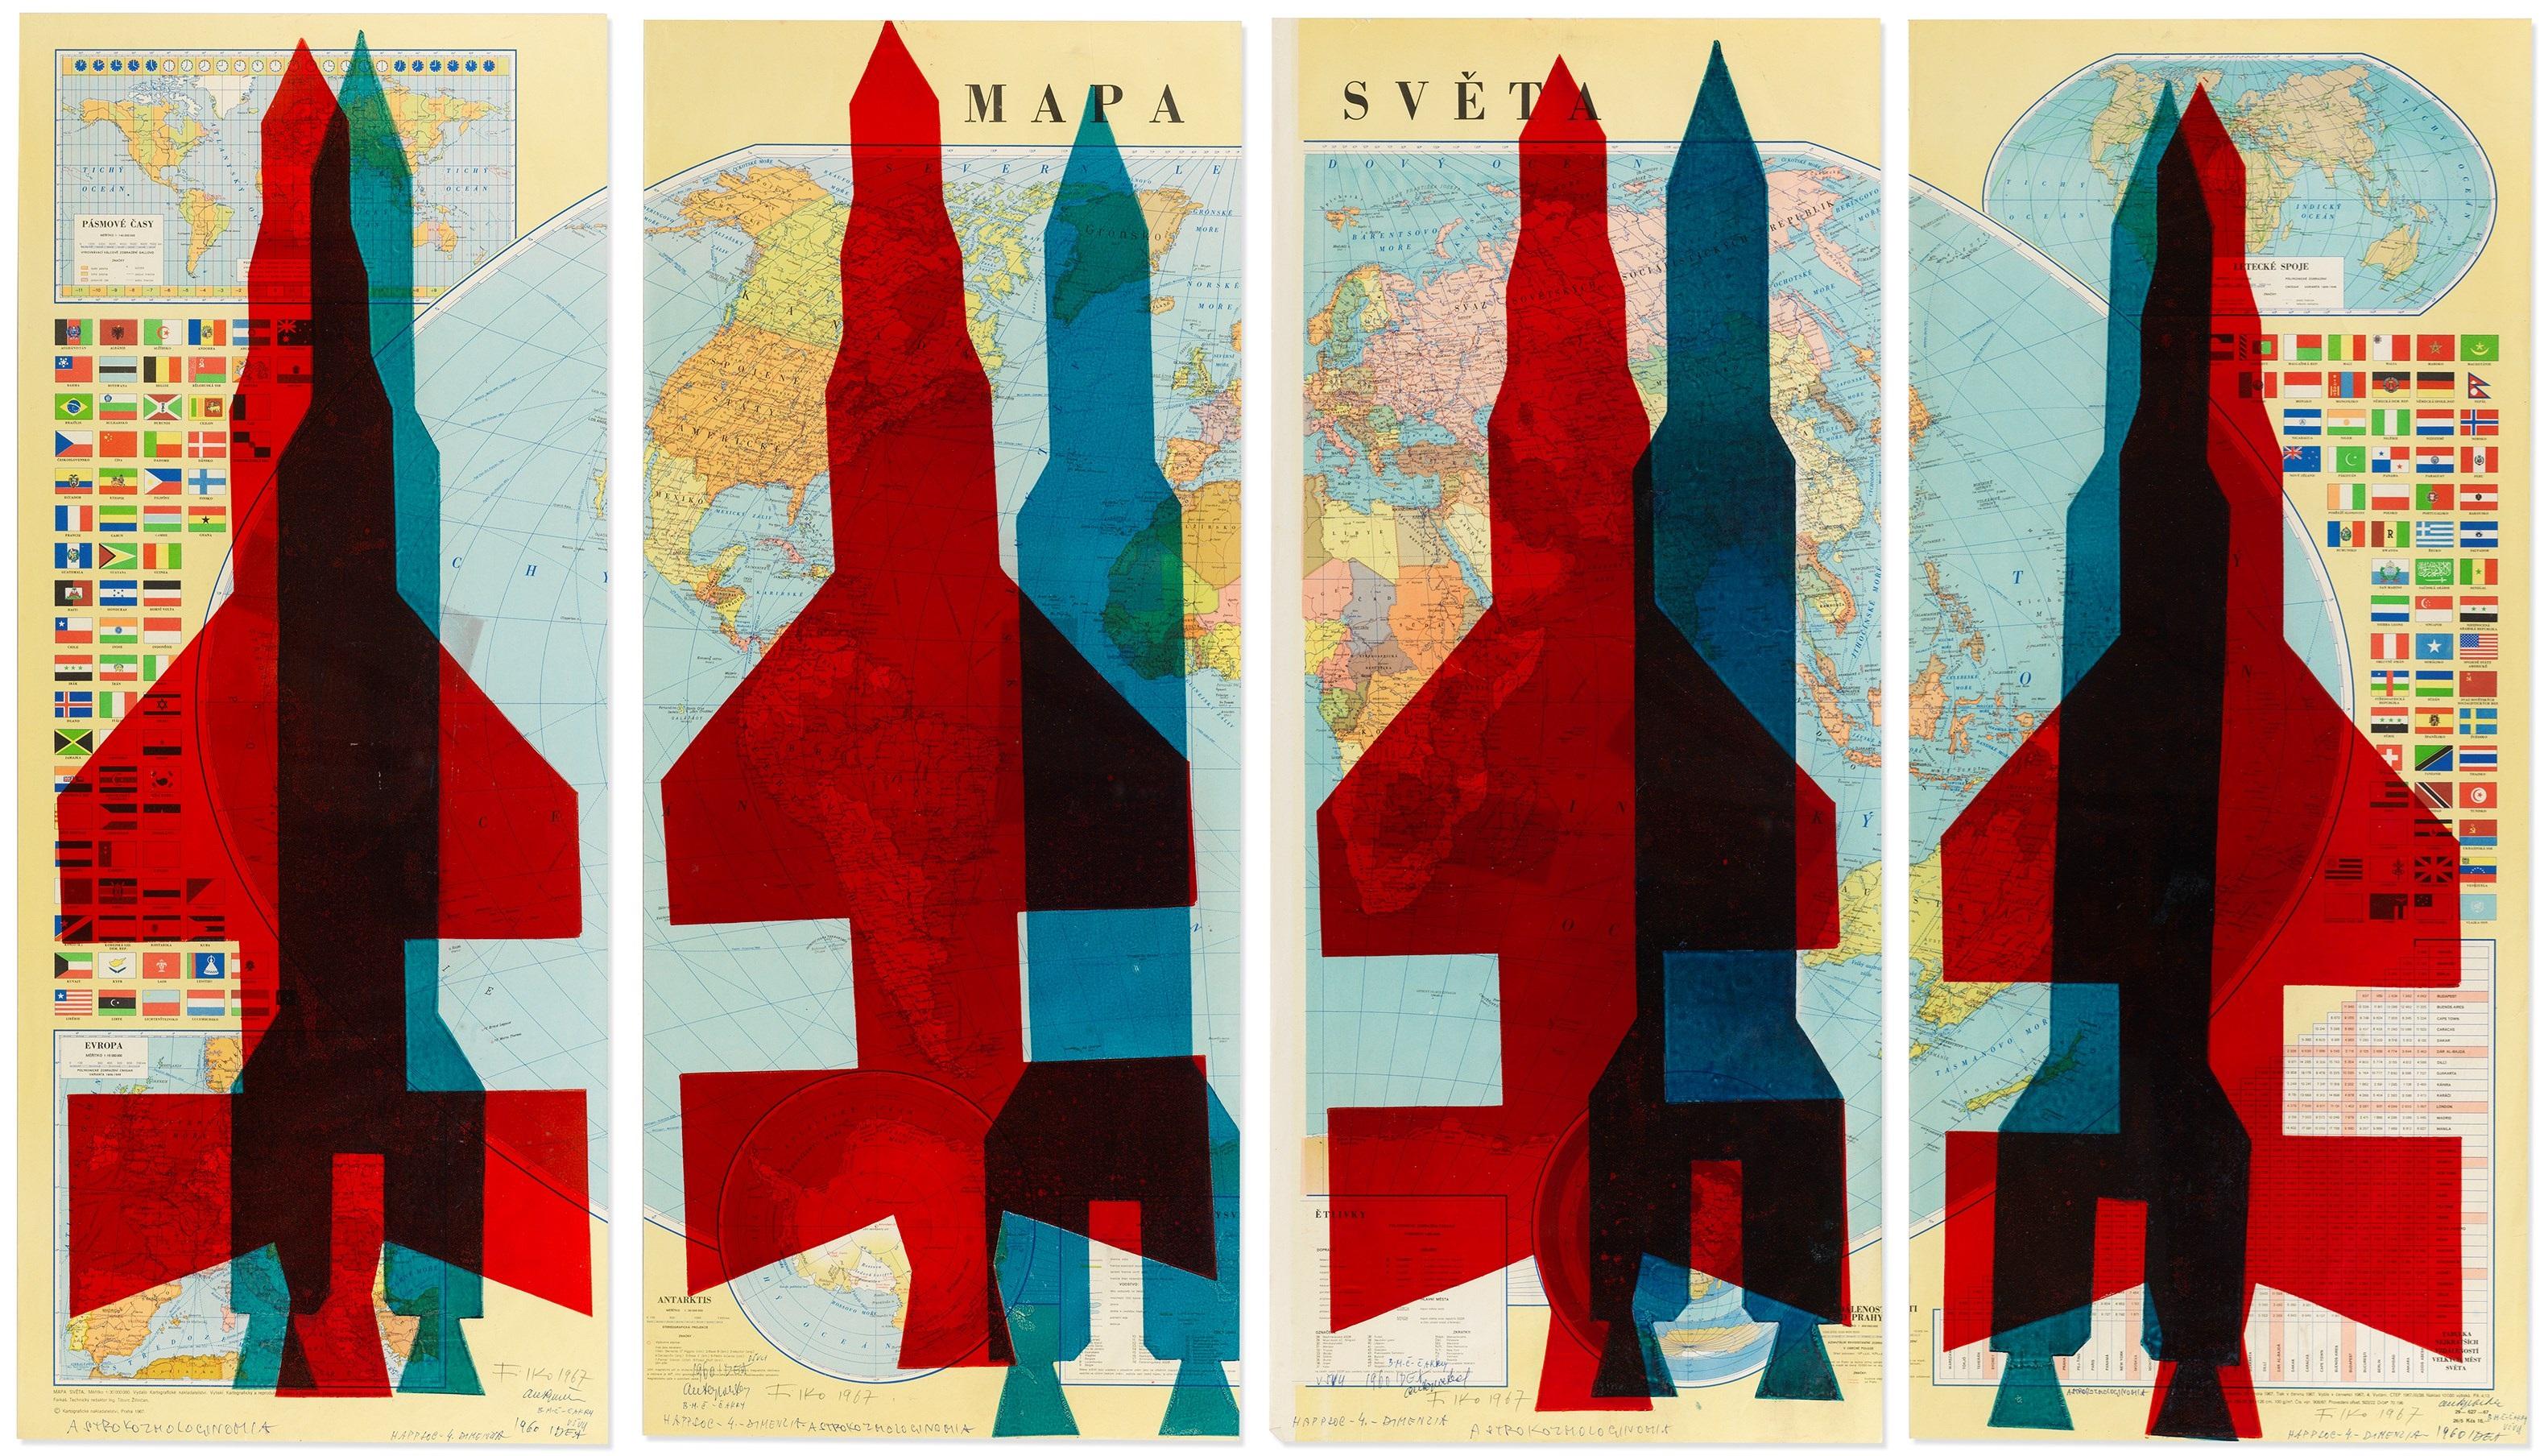 Map Of The World Rockets By Stano Filko On Artnet